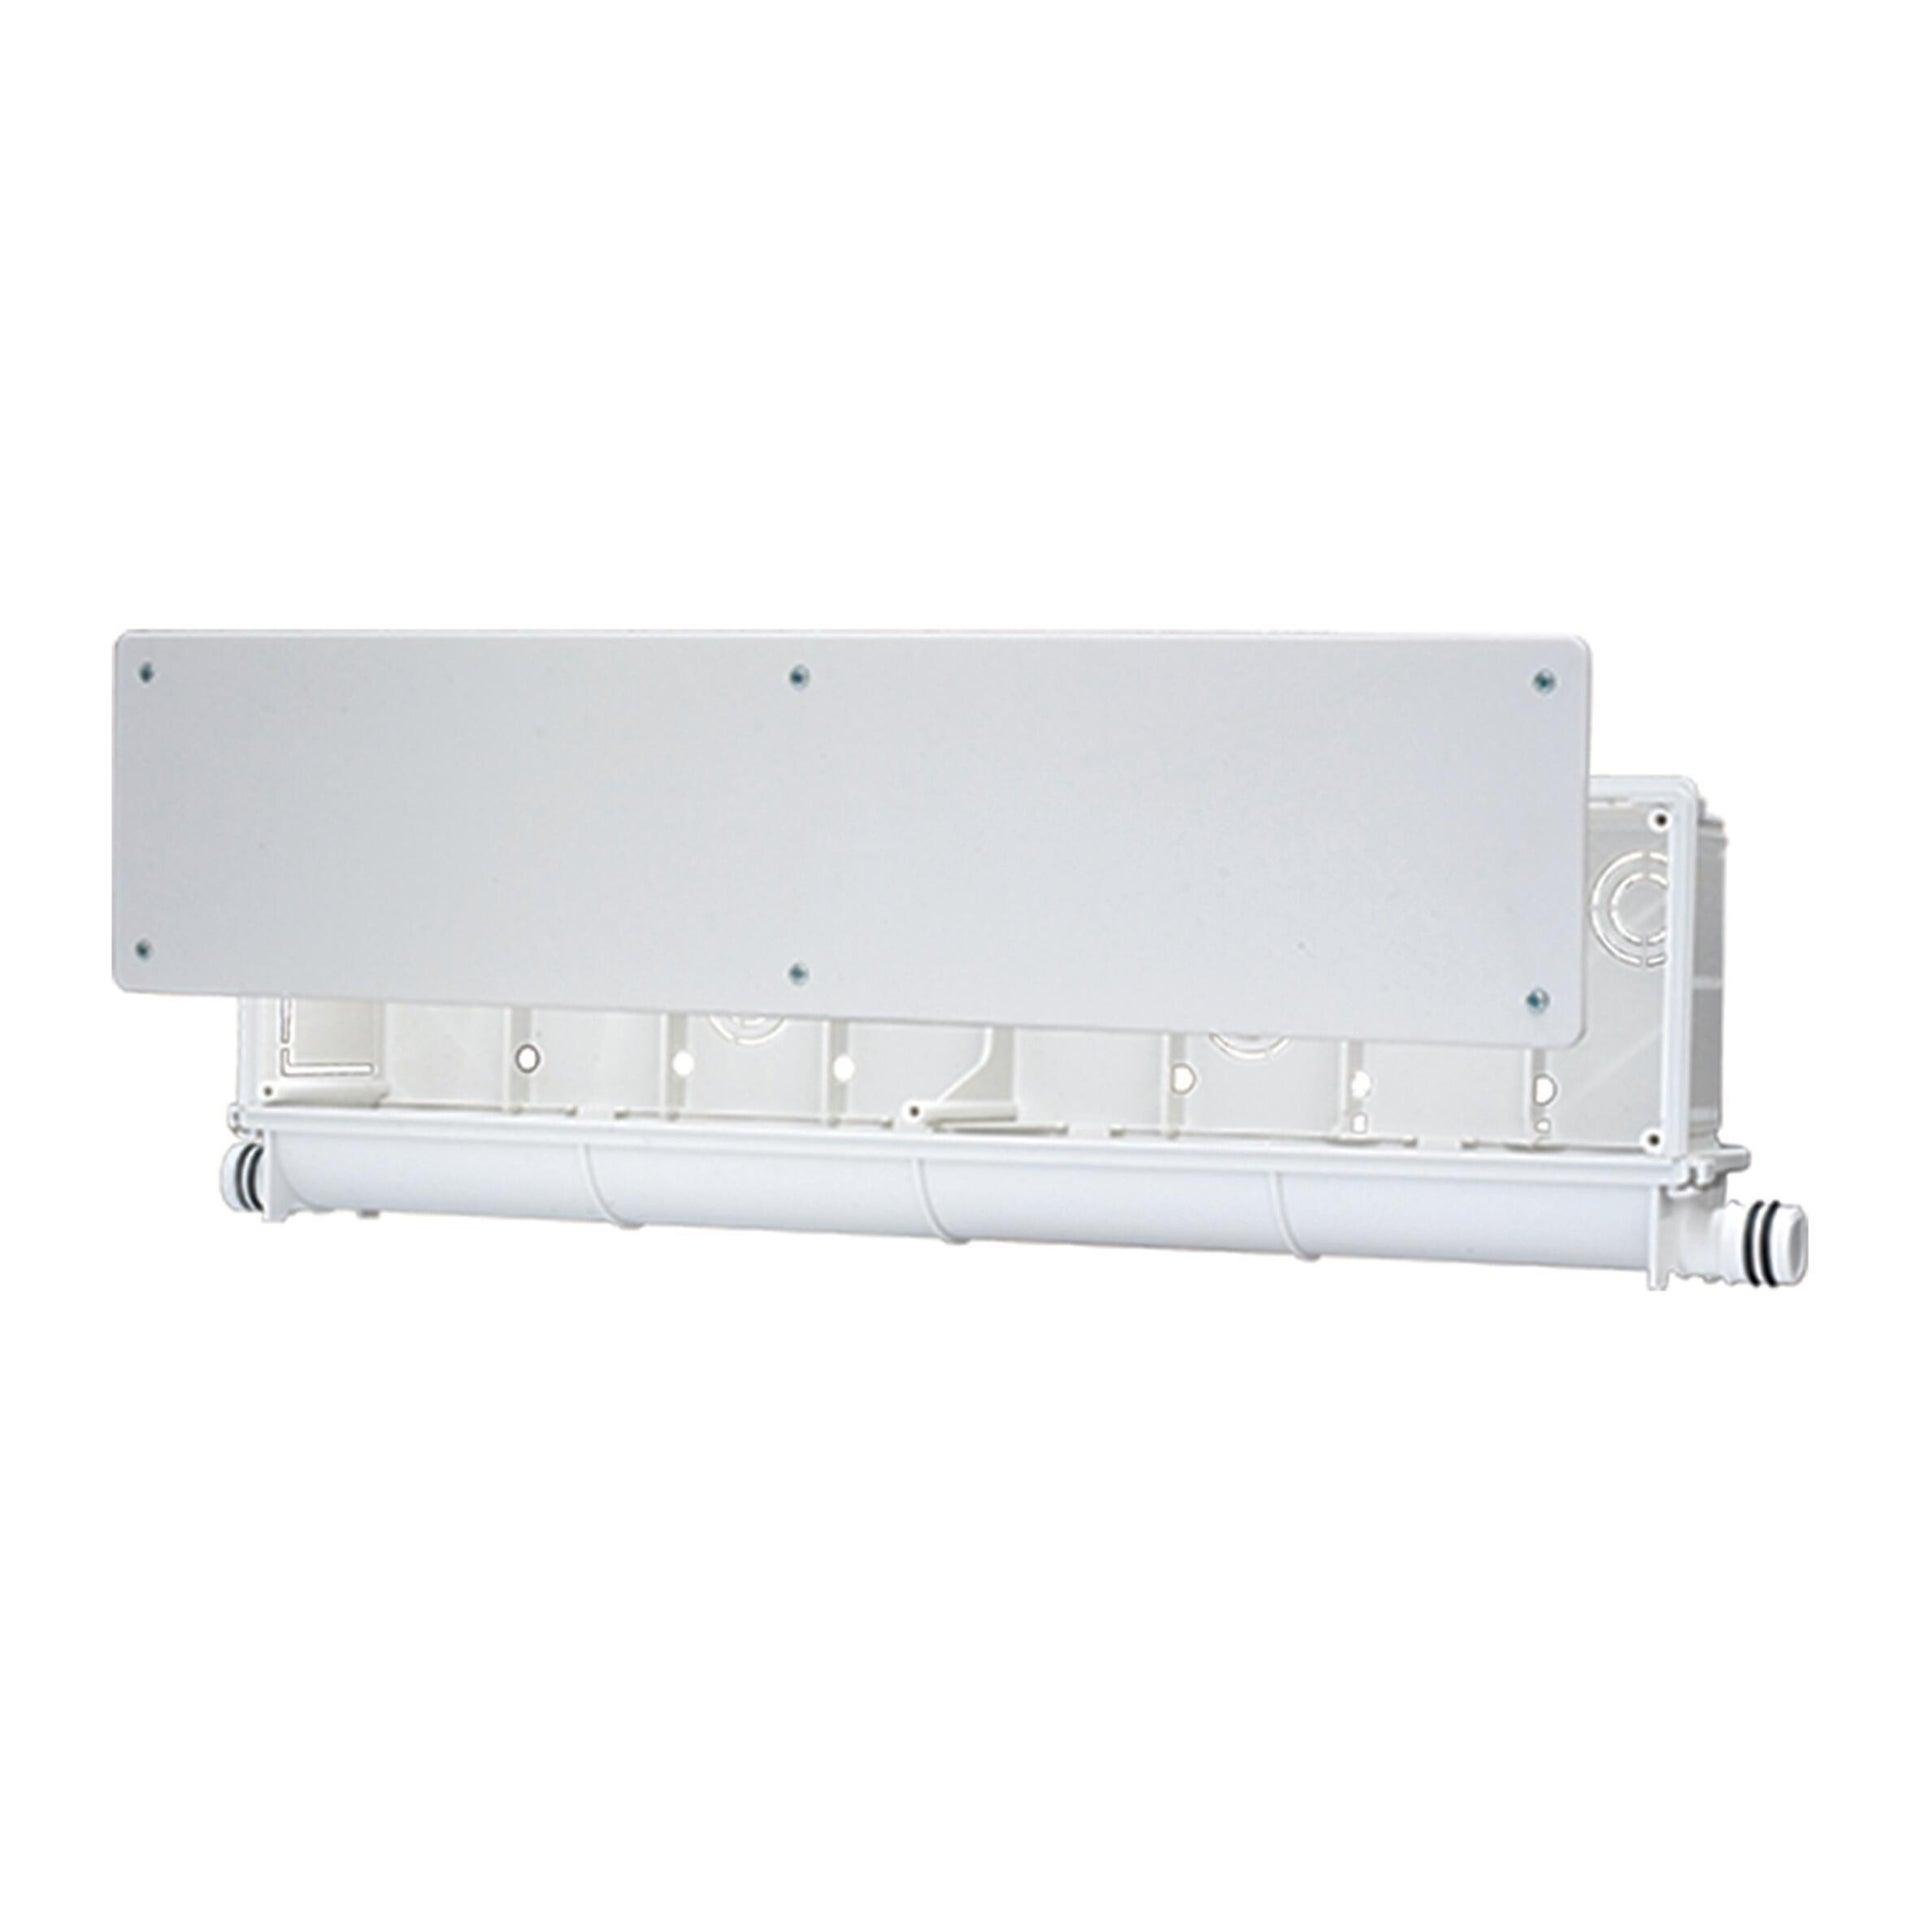 Scatola predisposizione climatizzatore 13 x 6.5 x 43 cm - 1